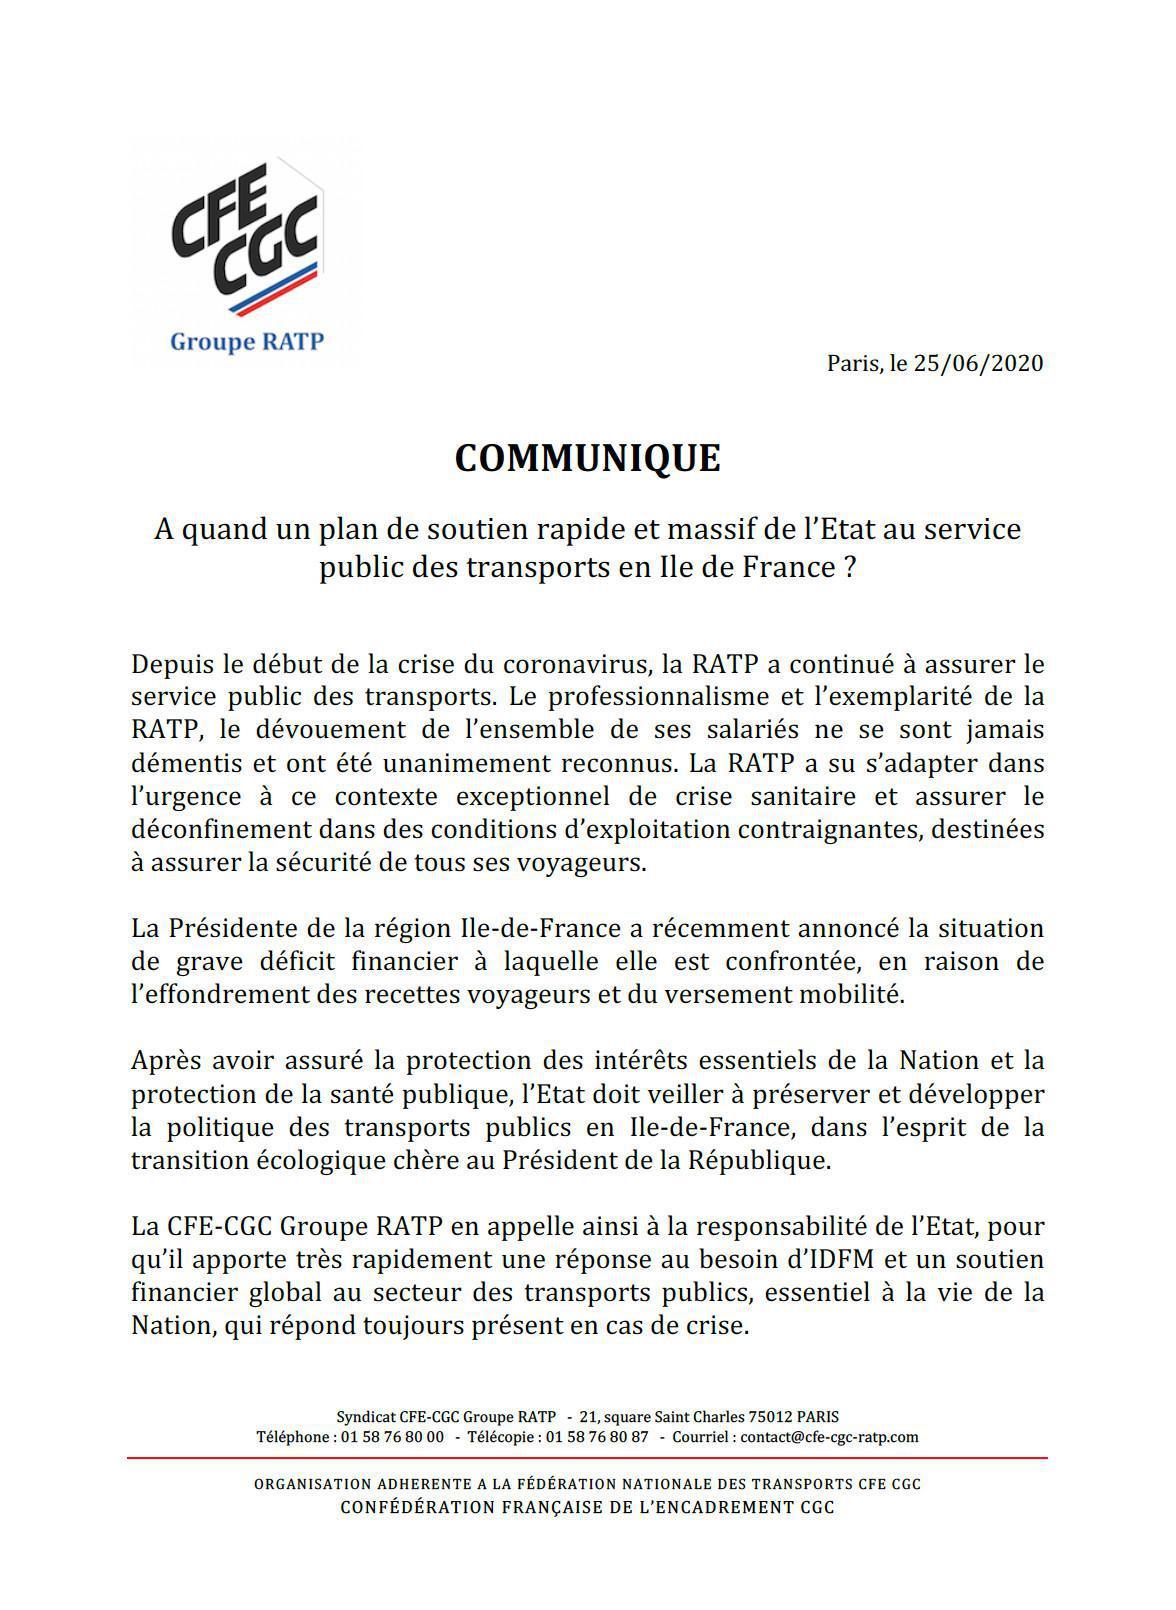 """Communiqué de presse """"A quand un plan de soutien rapide et massif de l'Etat au service public des transports en Ile de France ?"""""""